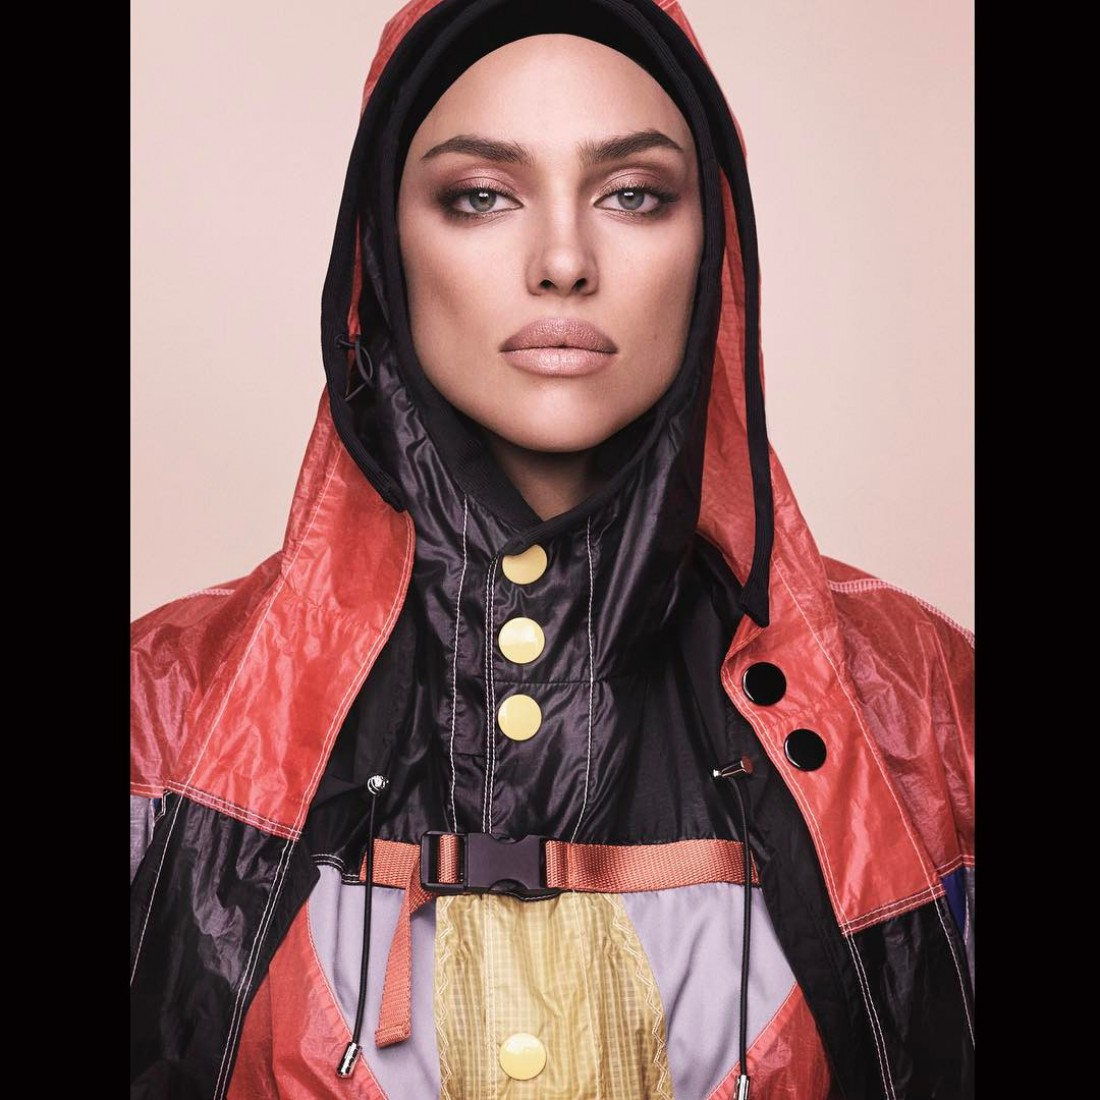 Топ модель Ирина Шейк в новой фотосессии для японского журнала